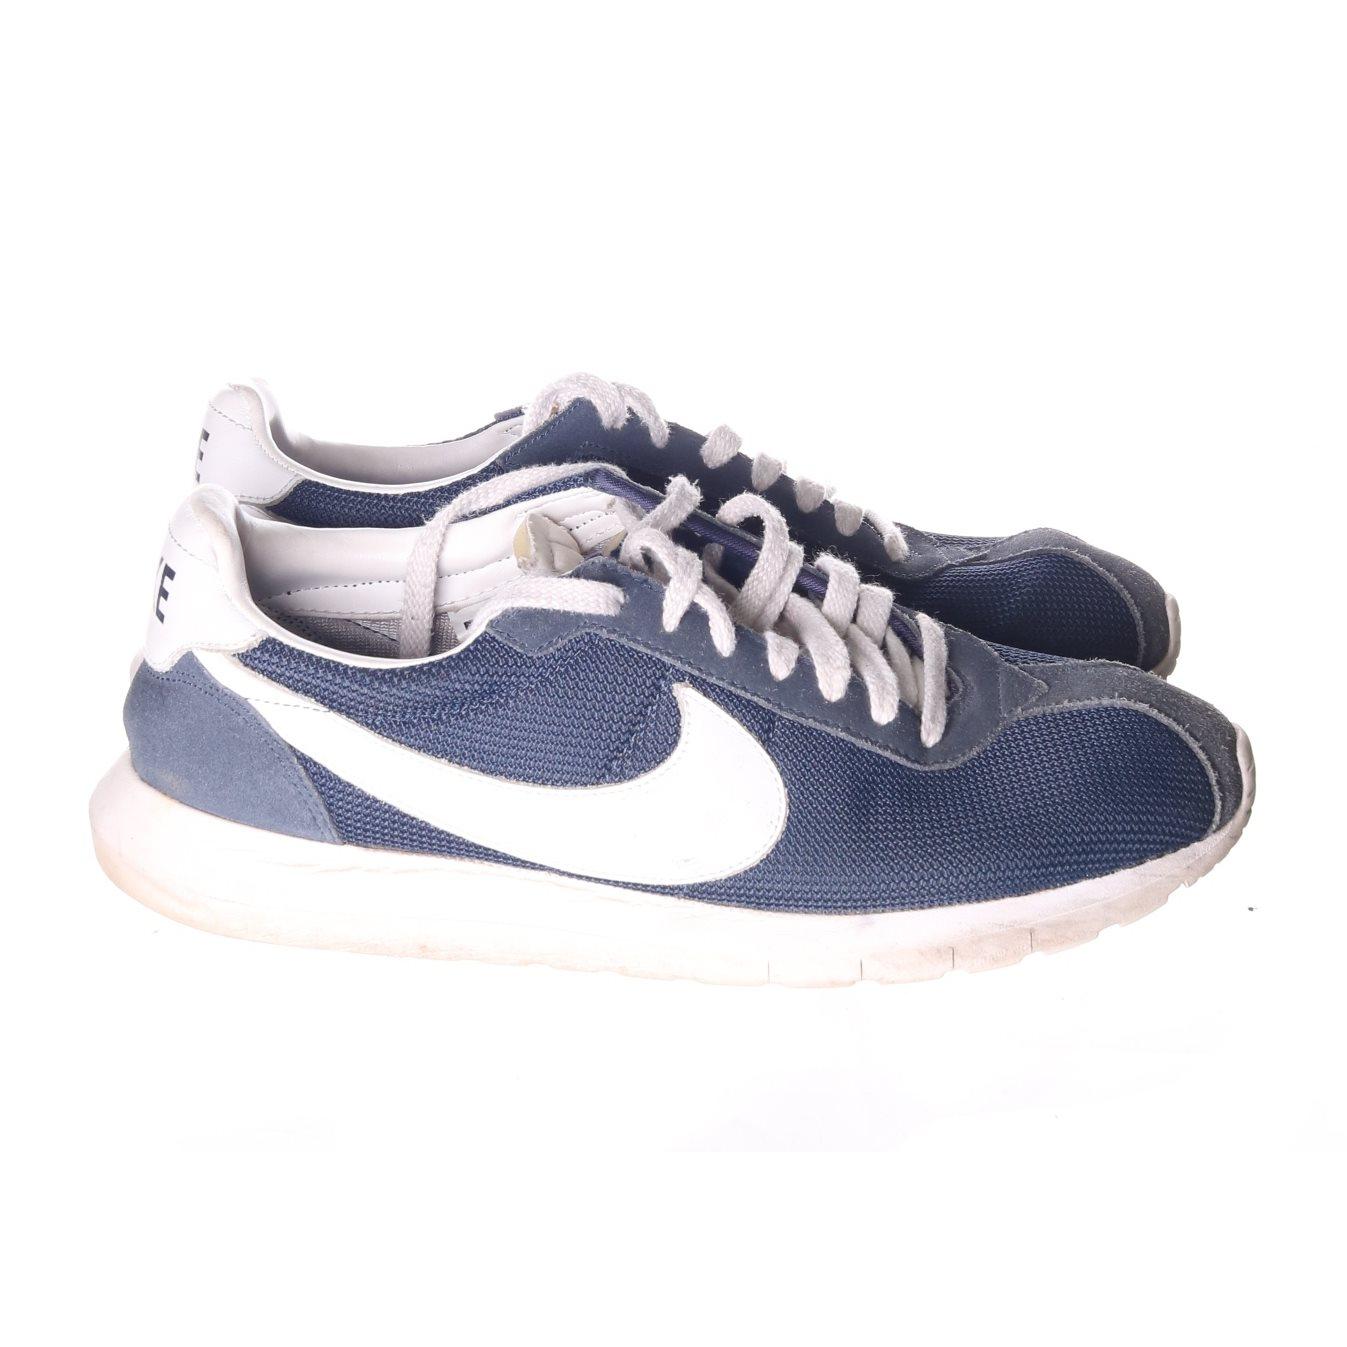 pretty nice 28469 01389 Nike, Skor, Strl  44.5, Roshe LD-1000, Blå